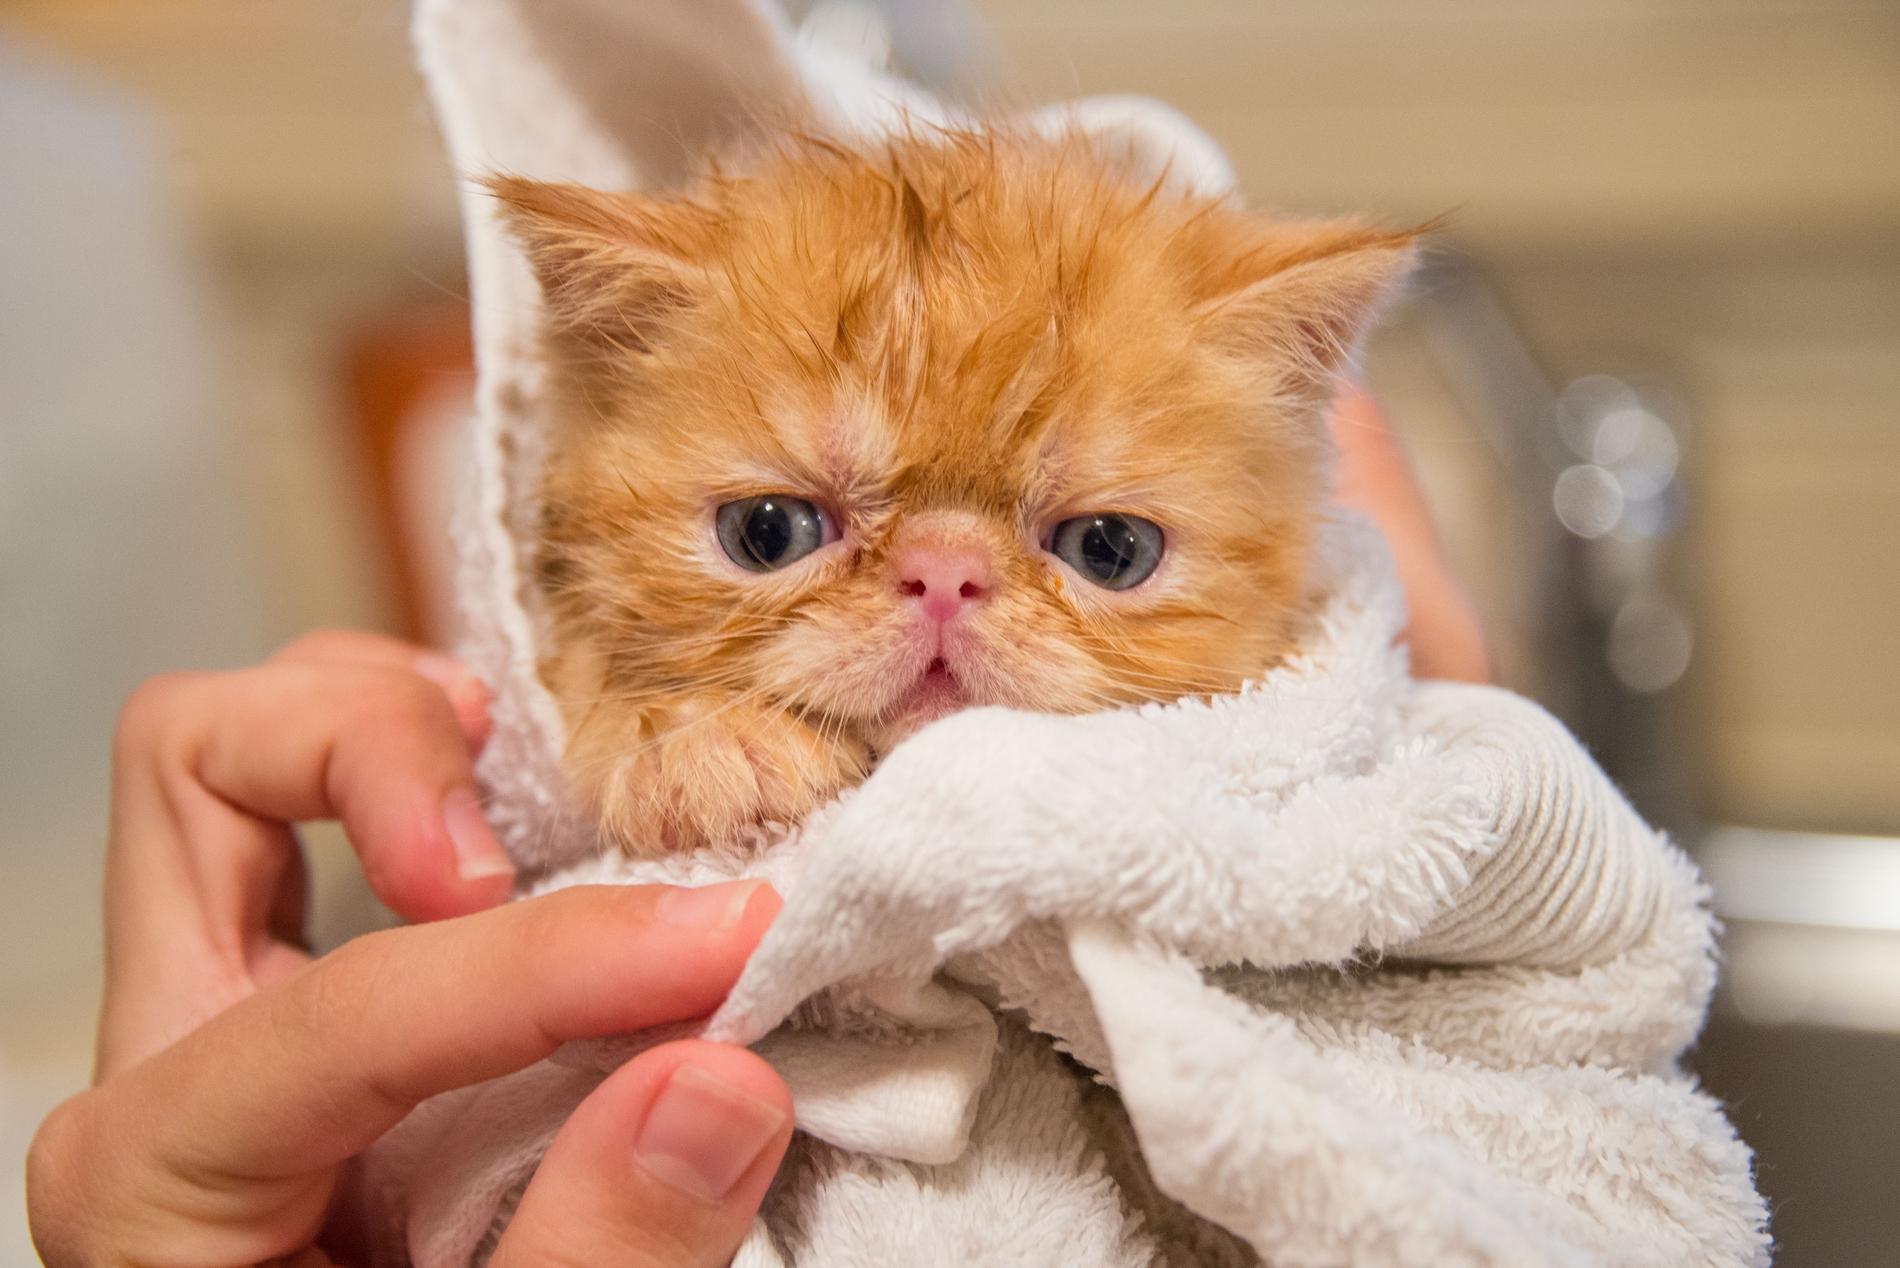 Consejos prácticos para bañar a tu gato